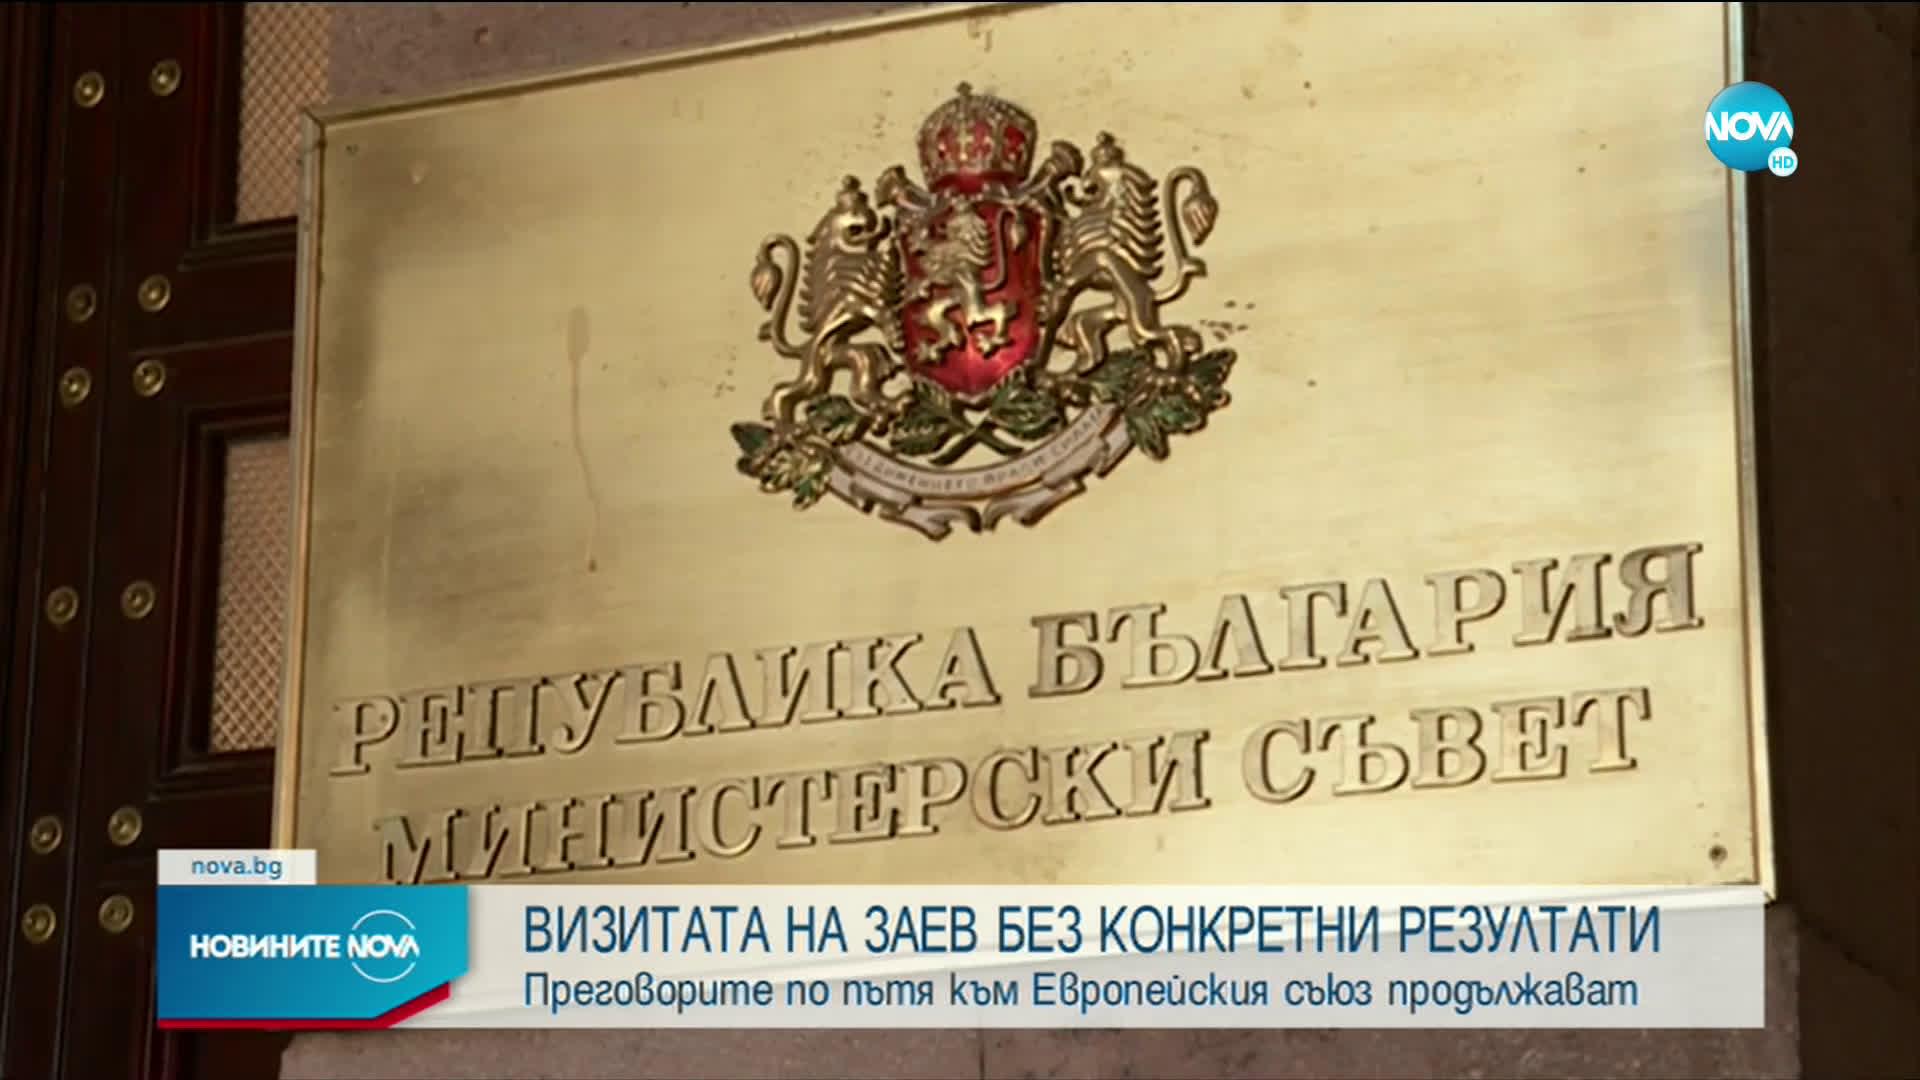 Визитата на Заев у нас - без конкретни резултати (ОБЗОР)